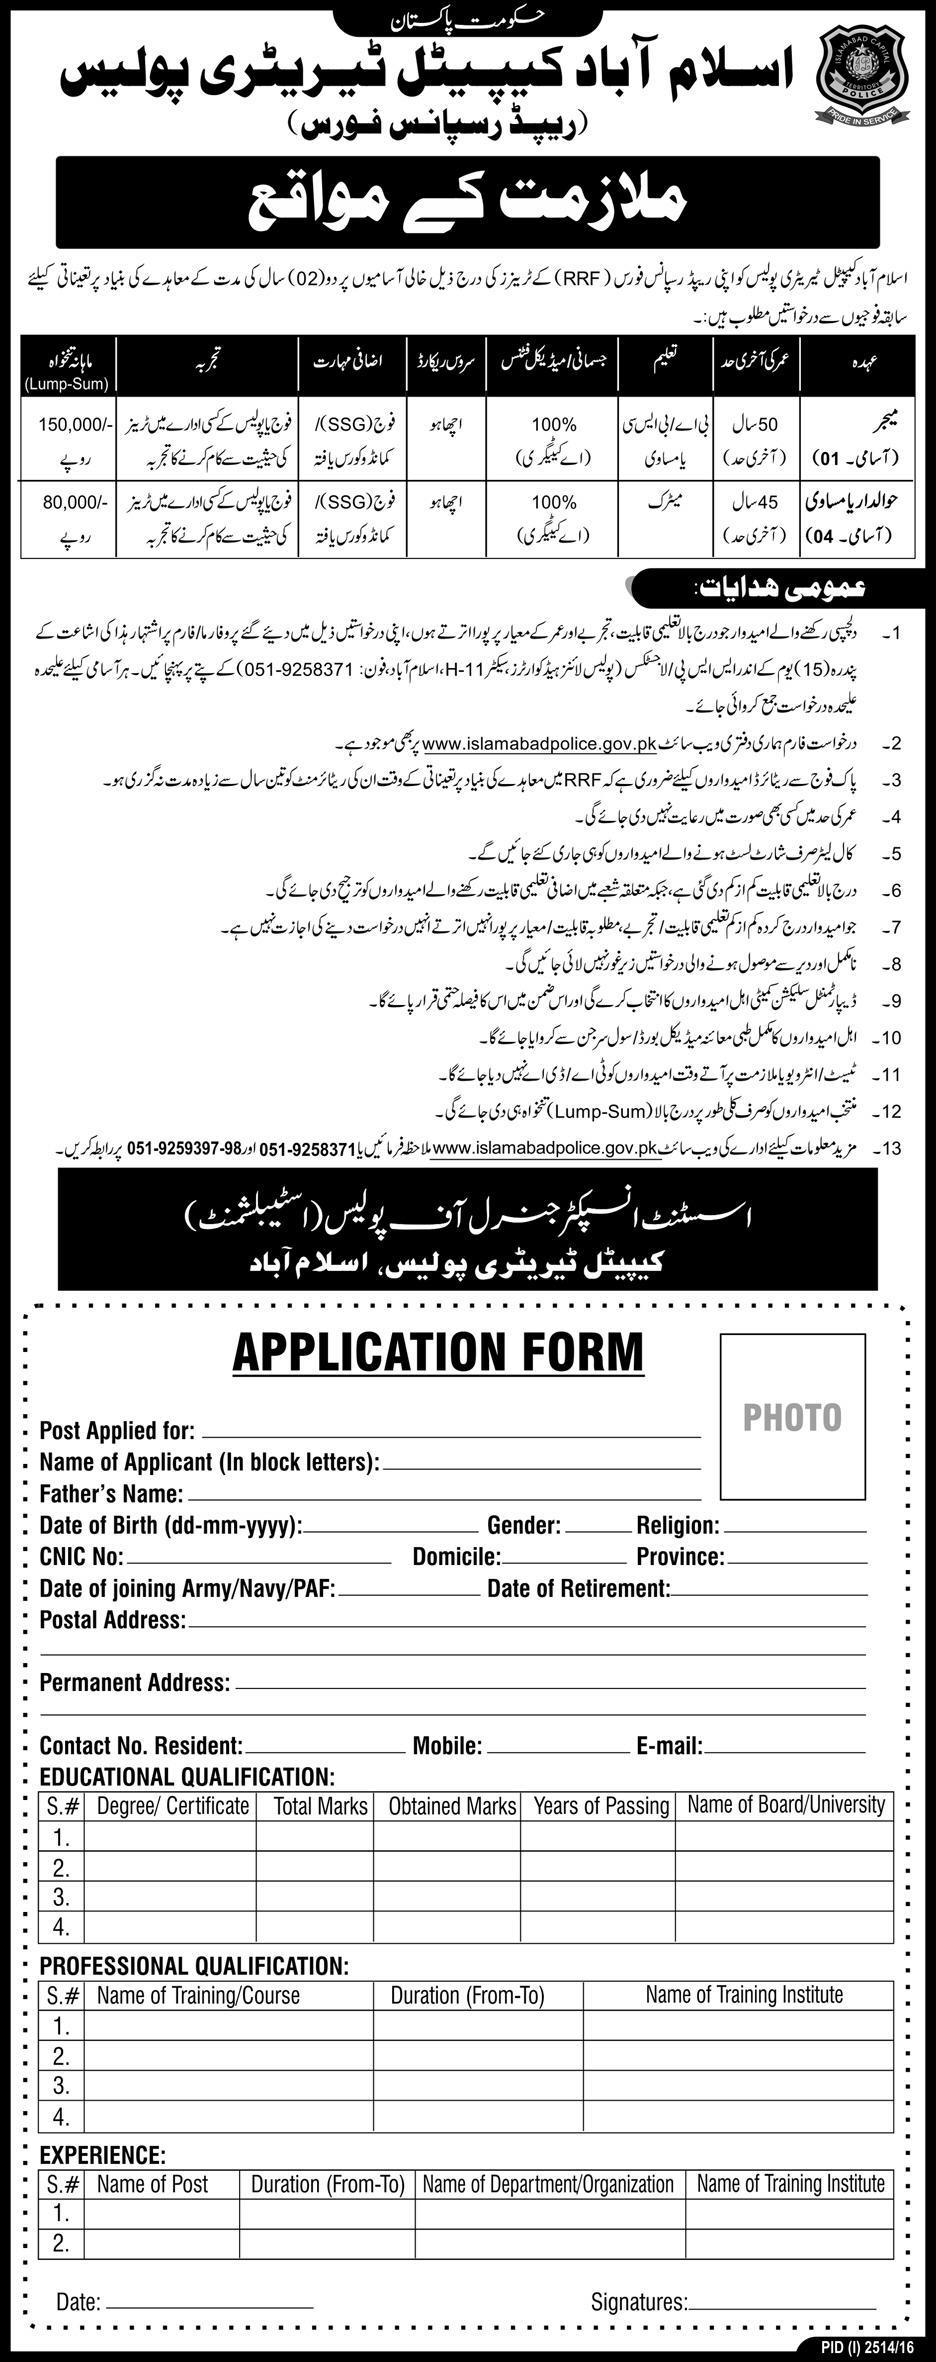 Islamabad Capital Territory Police Jobs 2016 RRF Jobs